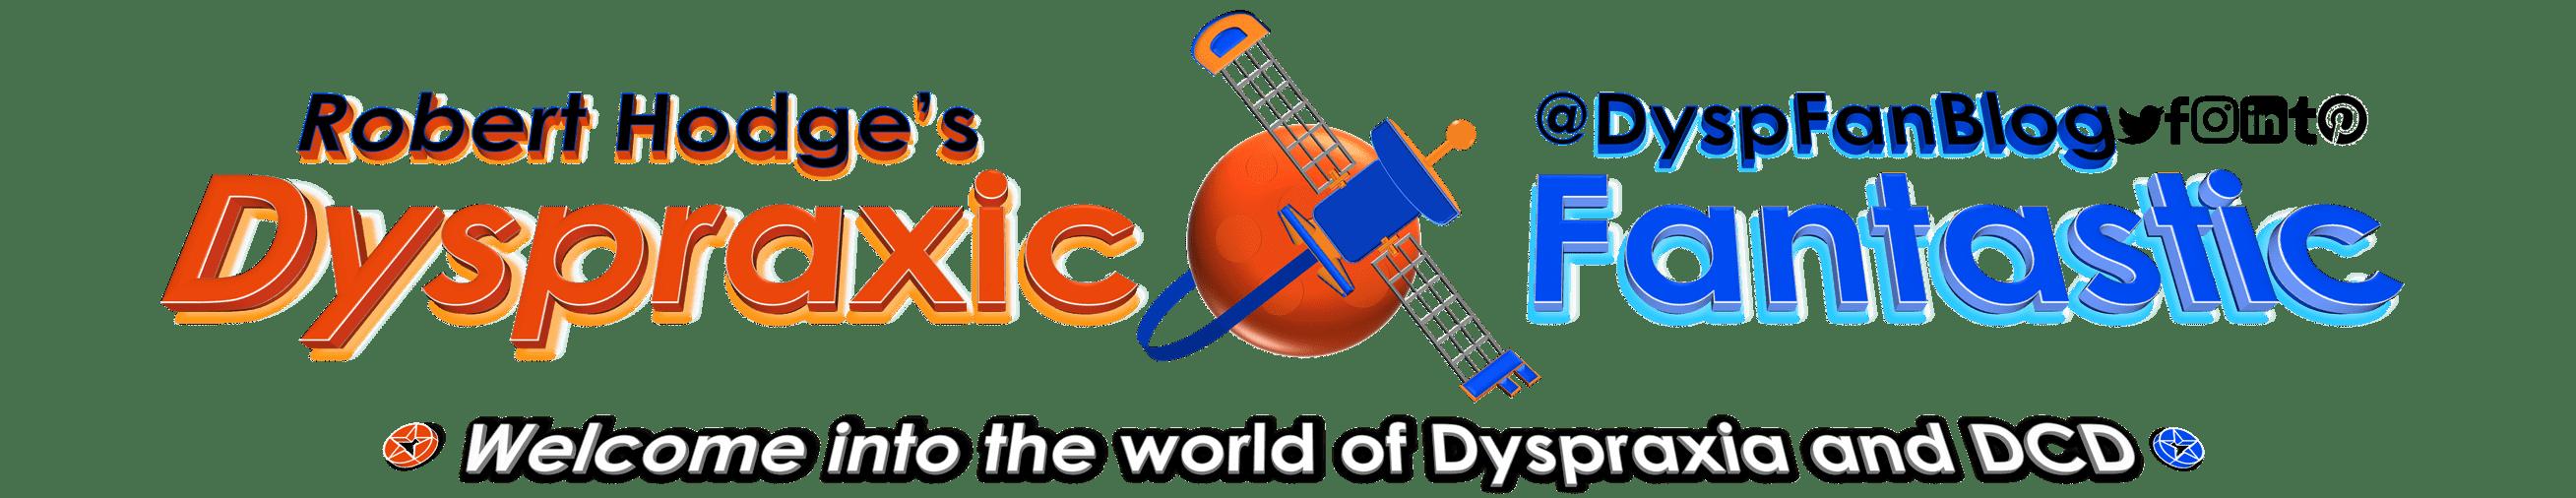 DyspraxicFantastic.com